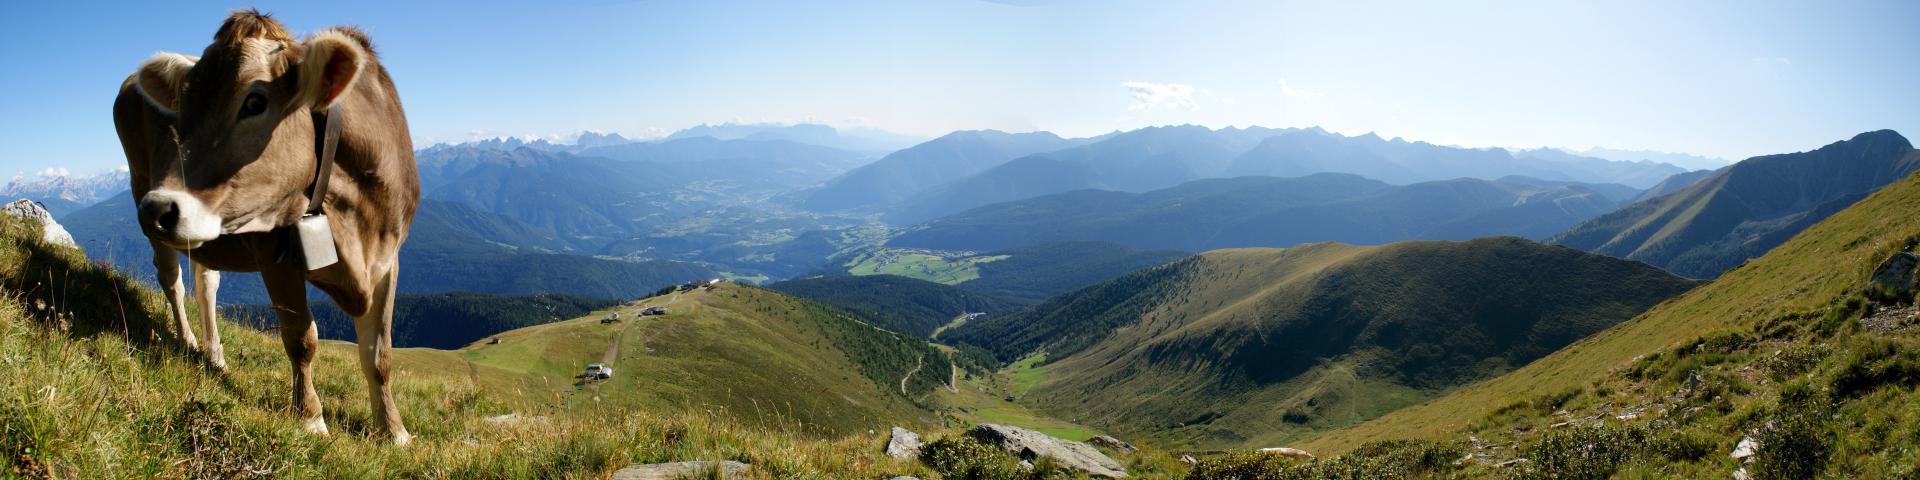 panorama_gitschberg.jpg